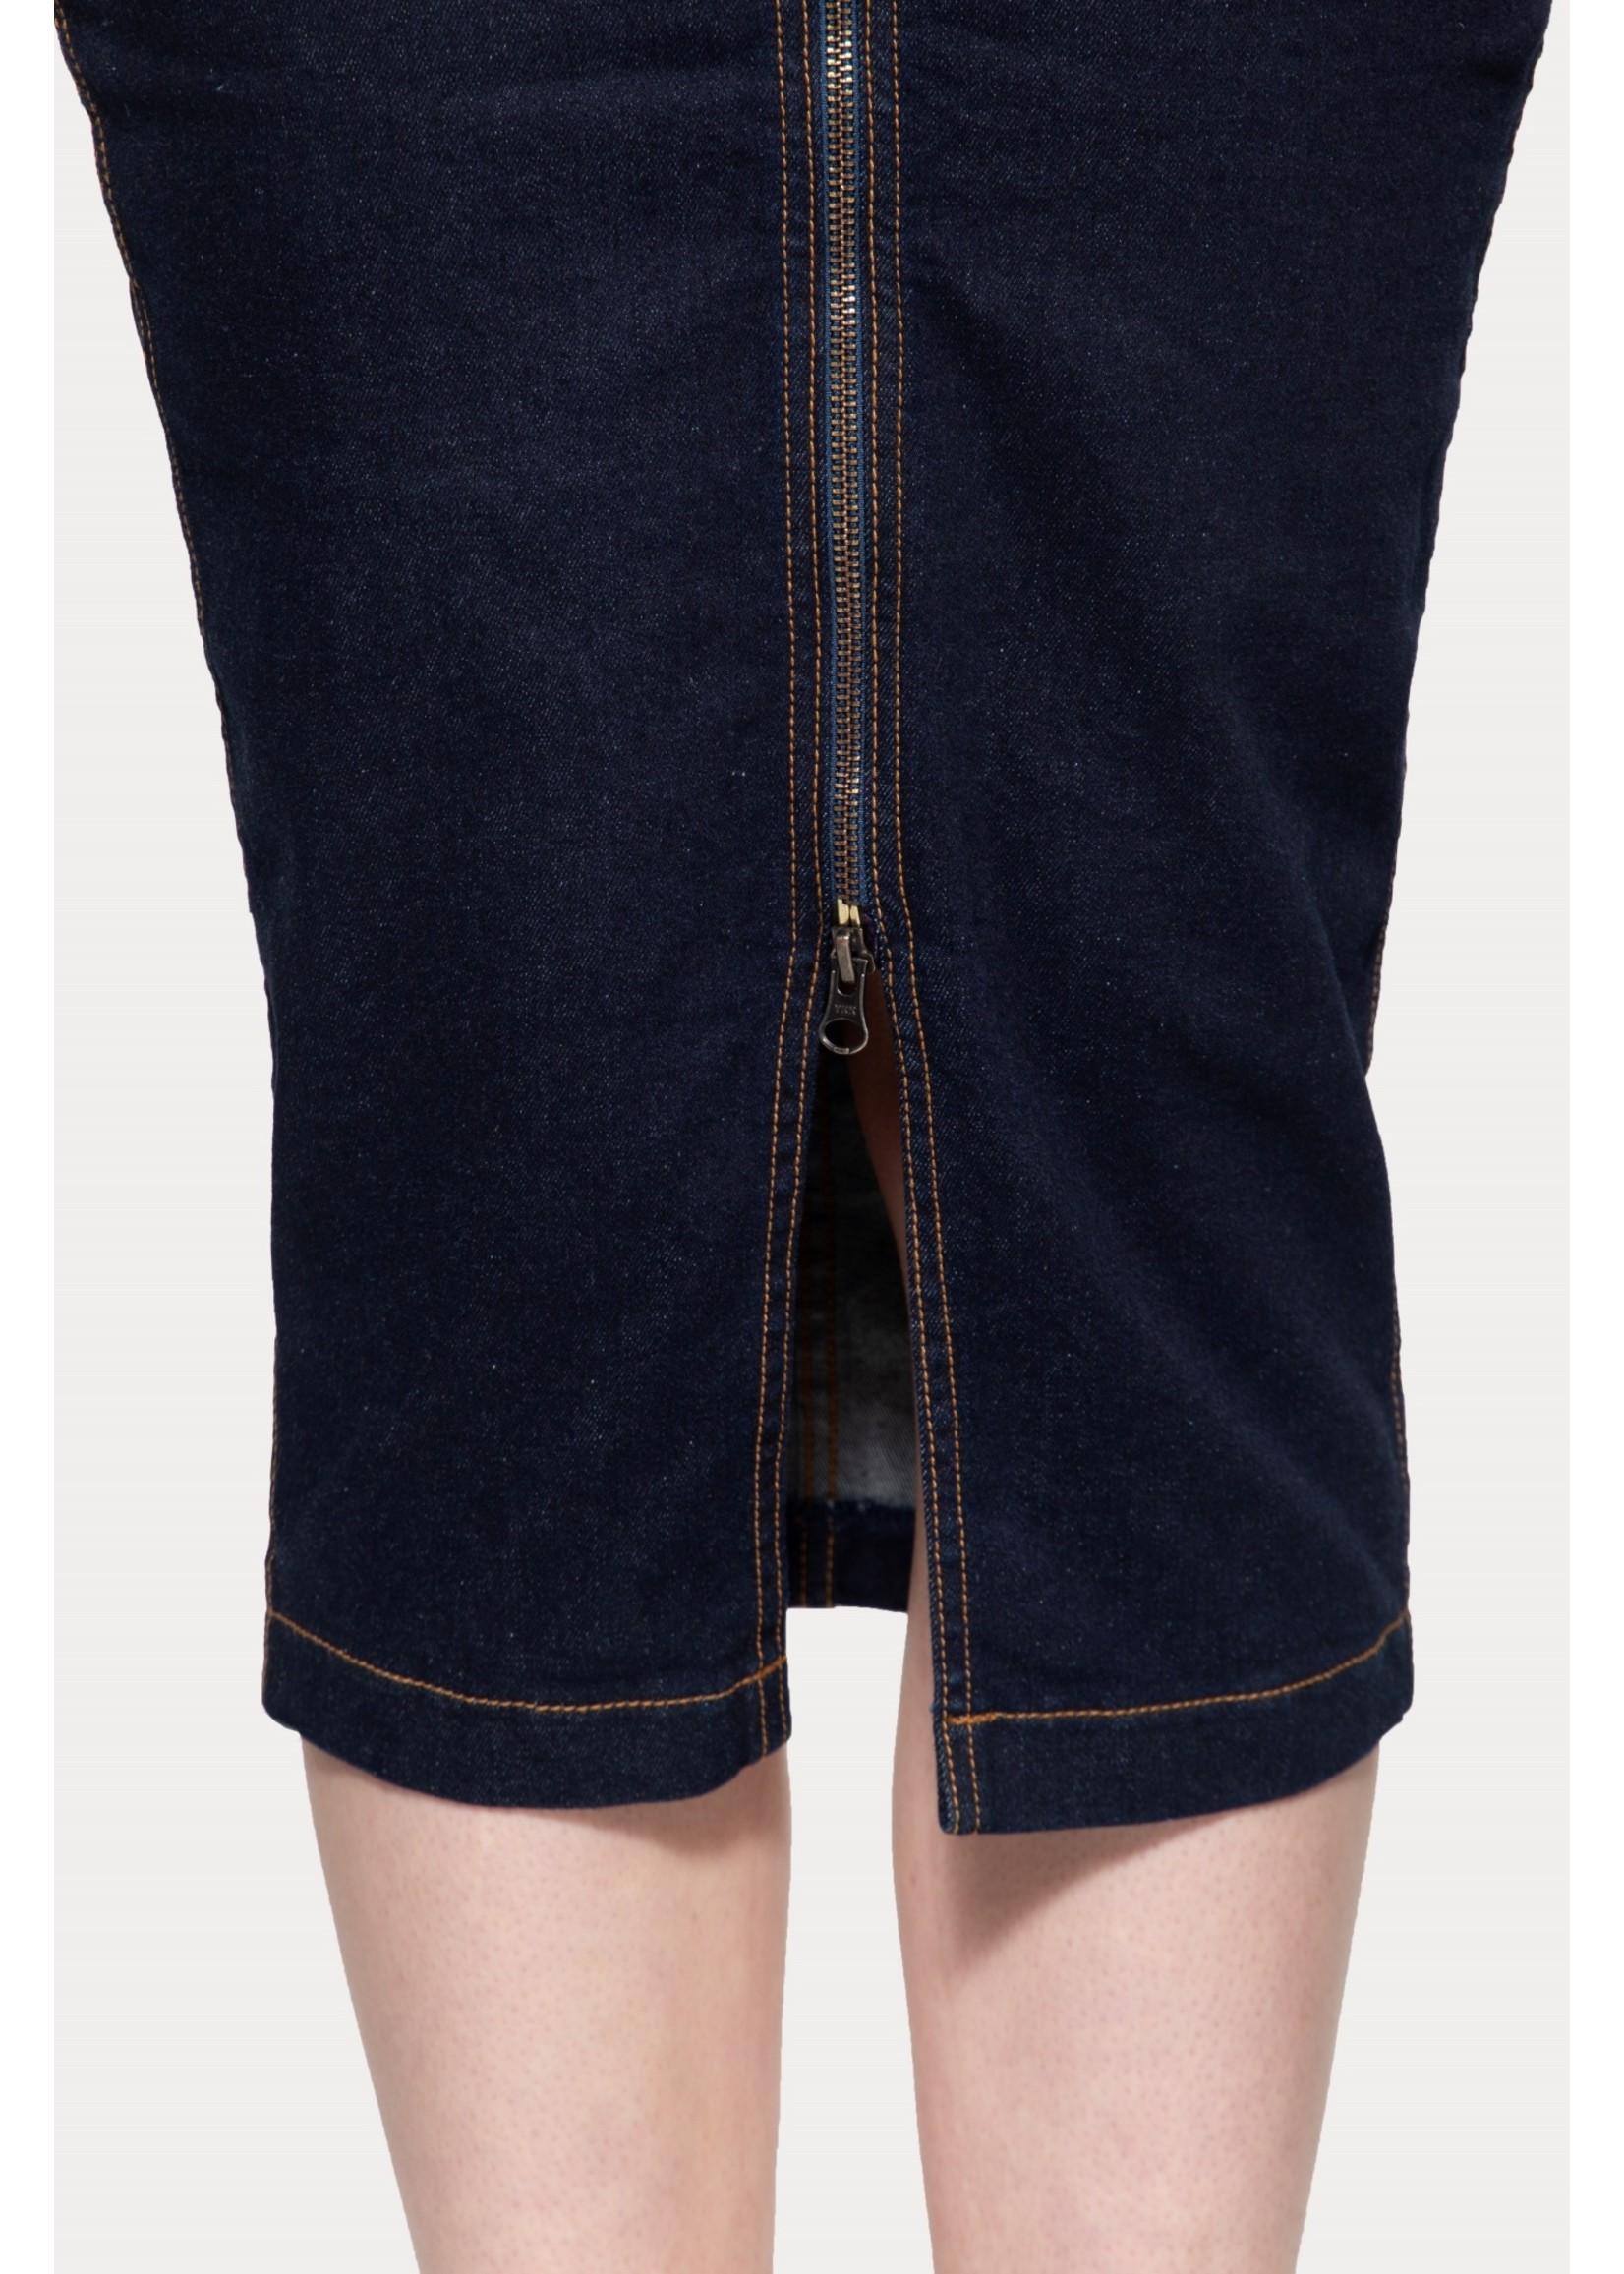 Queen Kerosin Queen Kerosin Workwear Denim Pencil Skirt in Dark Blue